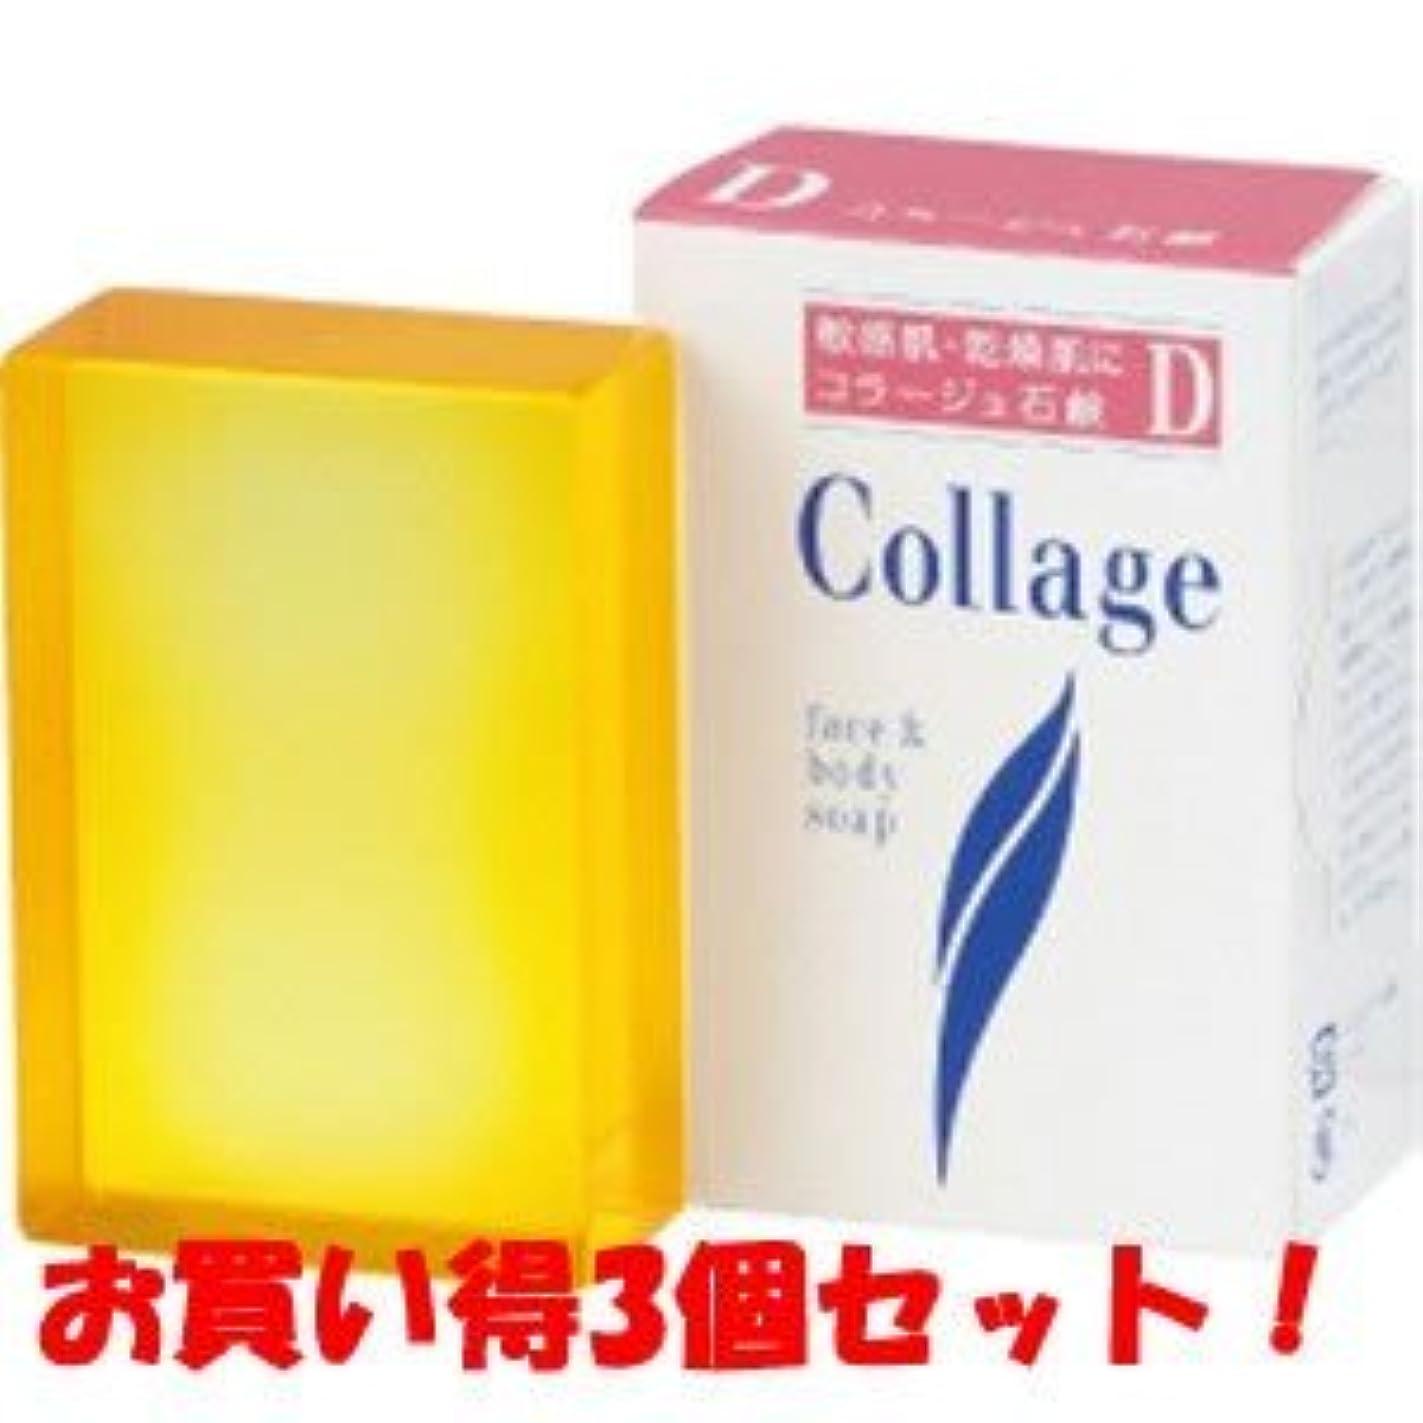 エクステント物足りない区画(持田ヘルスケア)コラージュD乾性肌用石鹸 100g(お買い得3個セット)